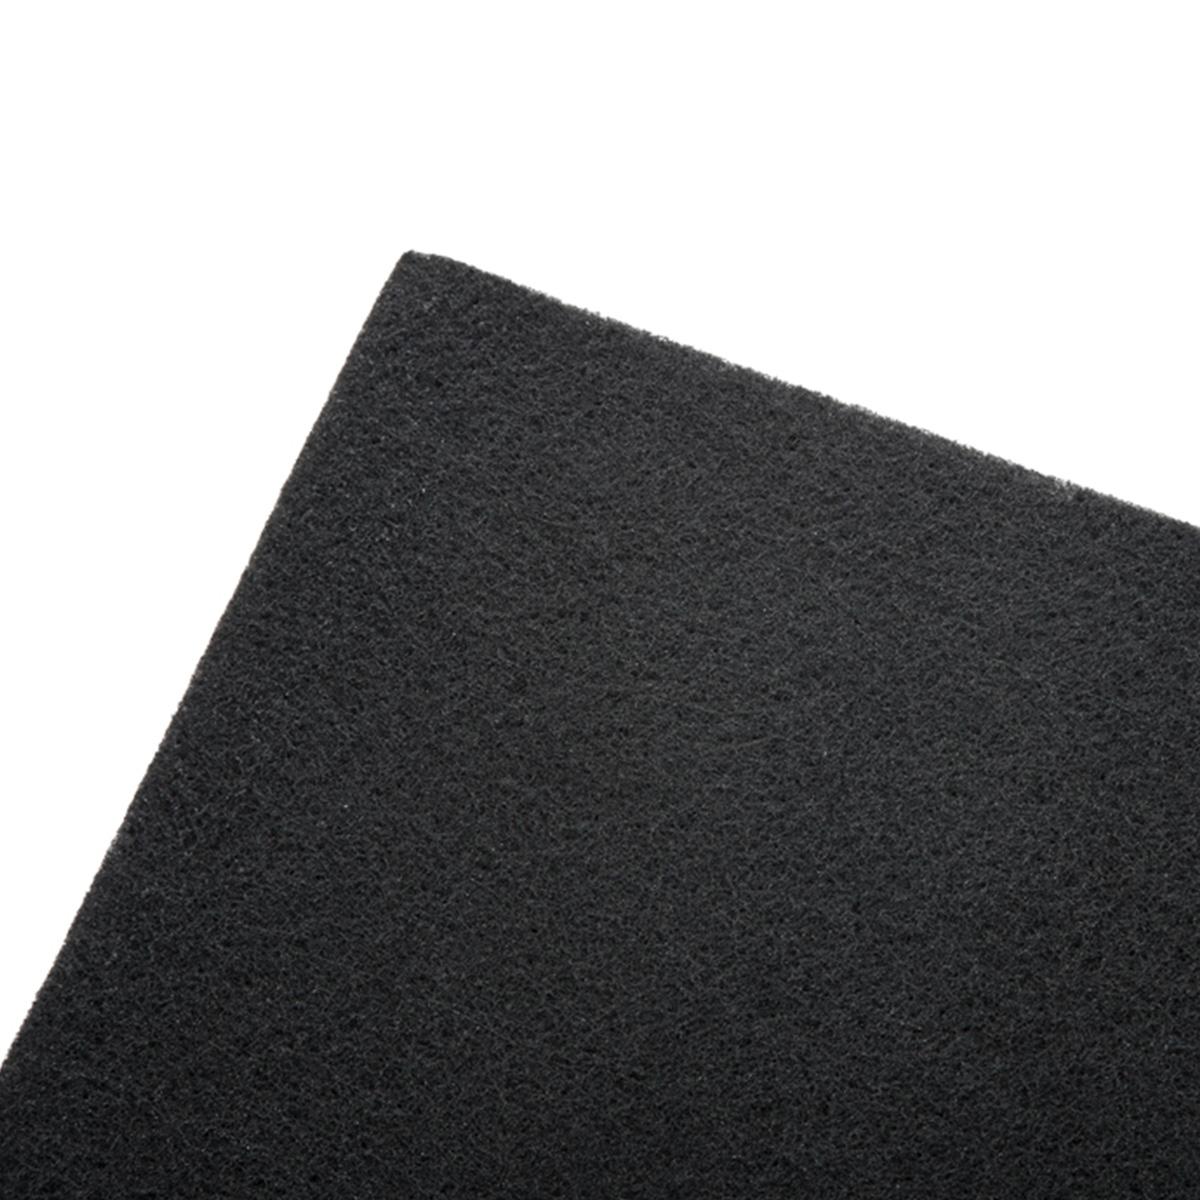 适配飞利浦空气净化器AC4001除甲醛滤网AC4120活性炭棉滤芯杰利普